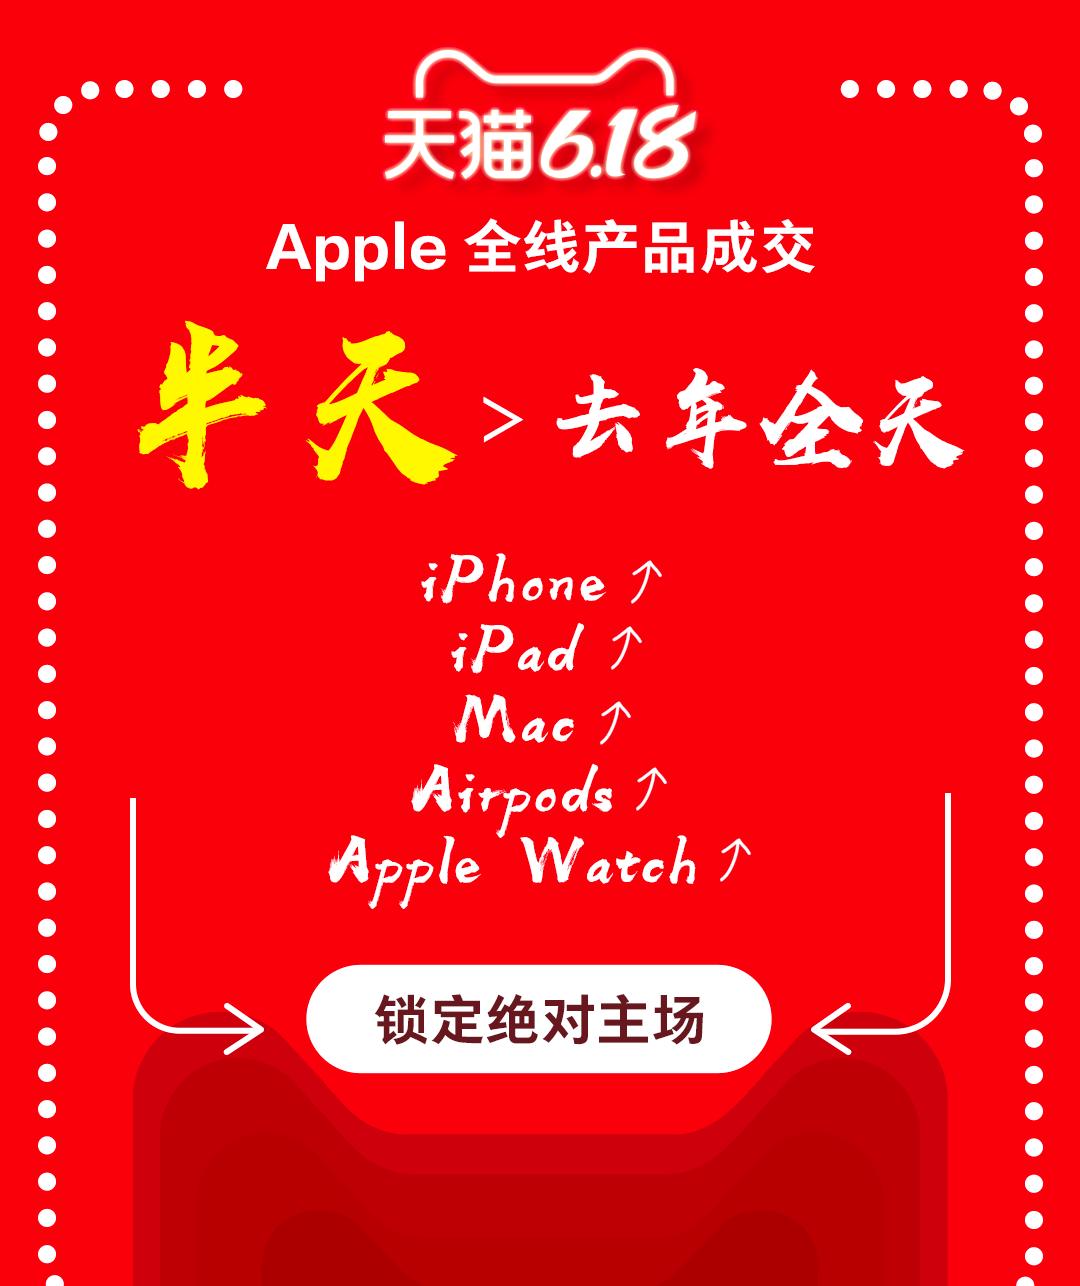 大象也起舞!天猫618苹果全线飙涨,半天超去年全天成交